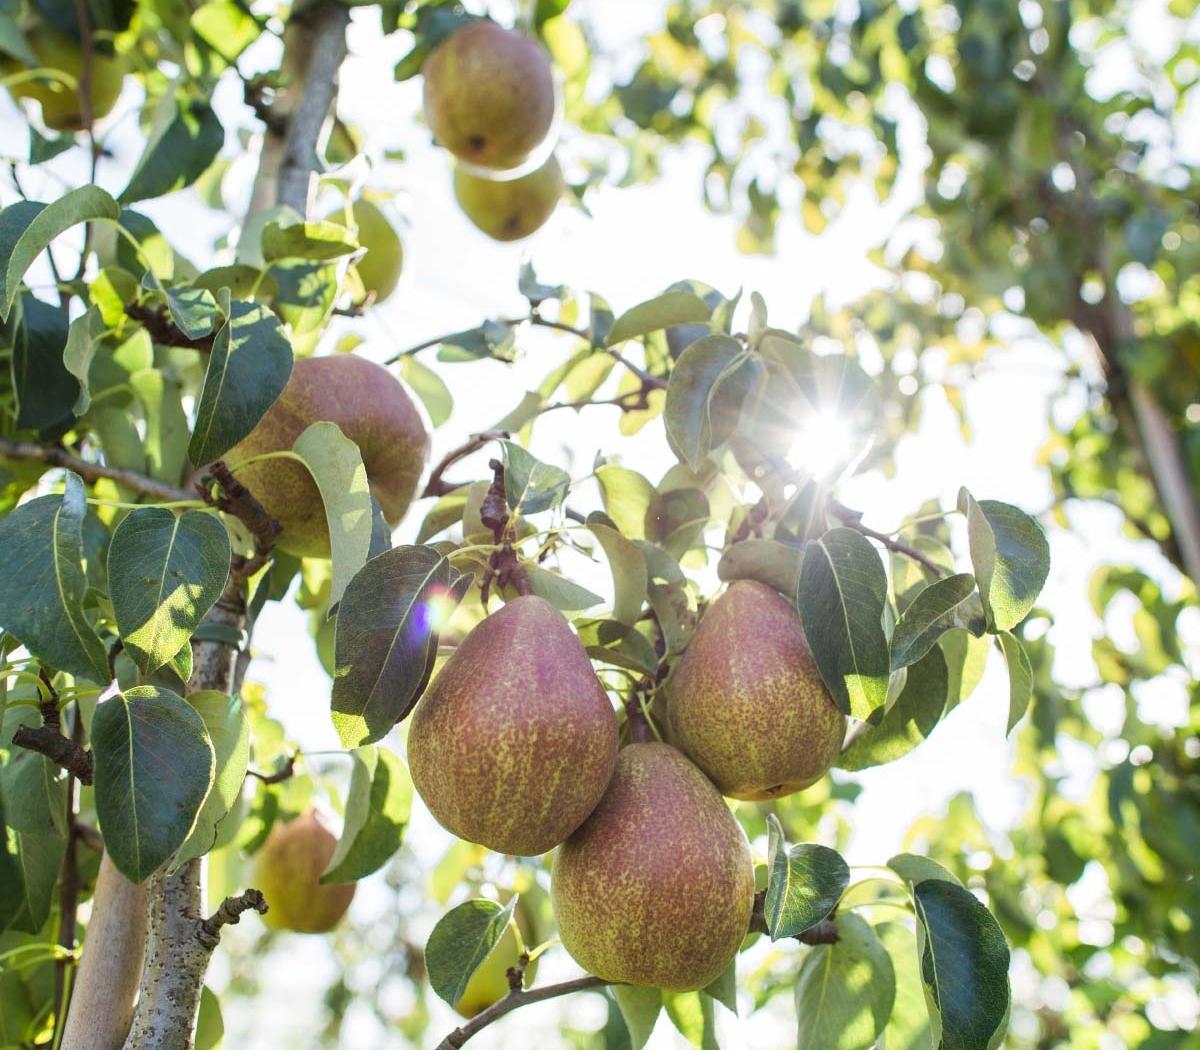 Hardfruit